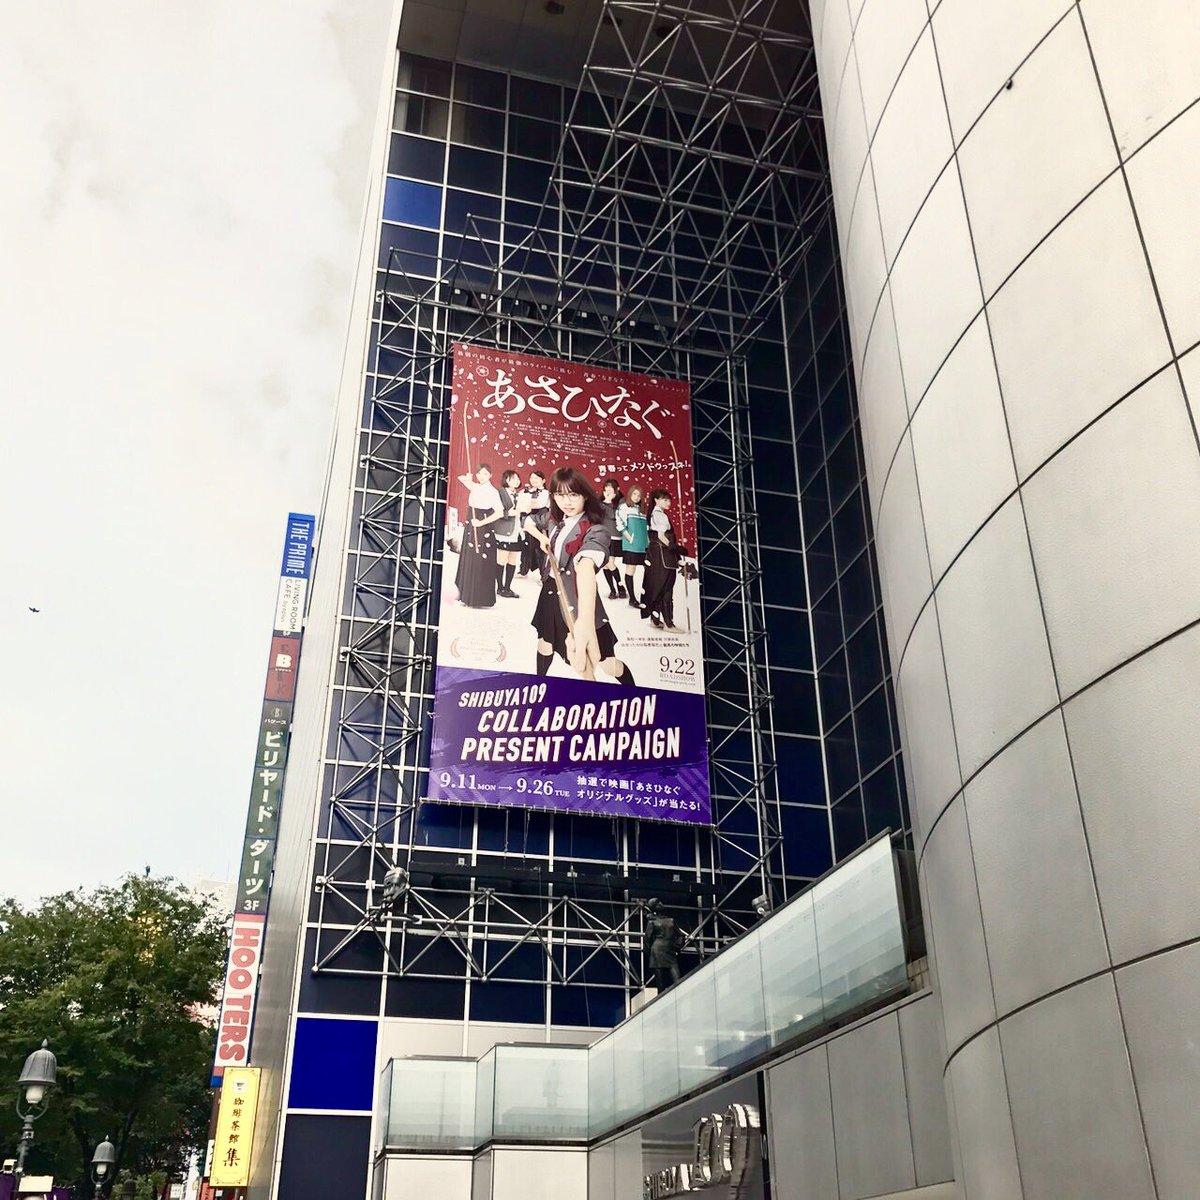 本日よりSHIBUYA109、MEN'S109では巨大な『#あさひなぐ』ポスターが掲出されてます!そしてキャンペーン...